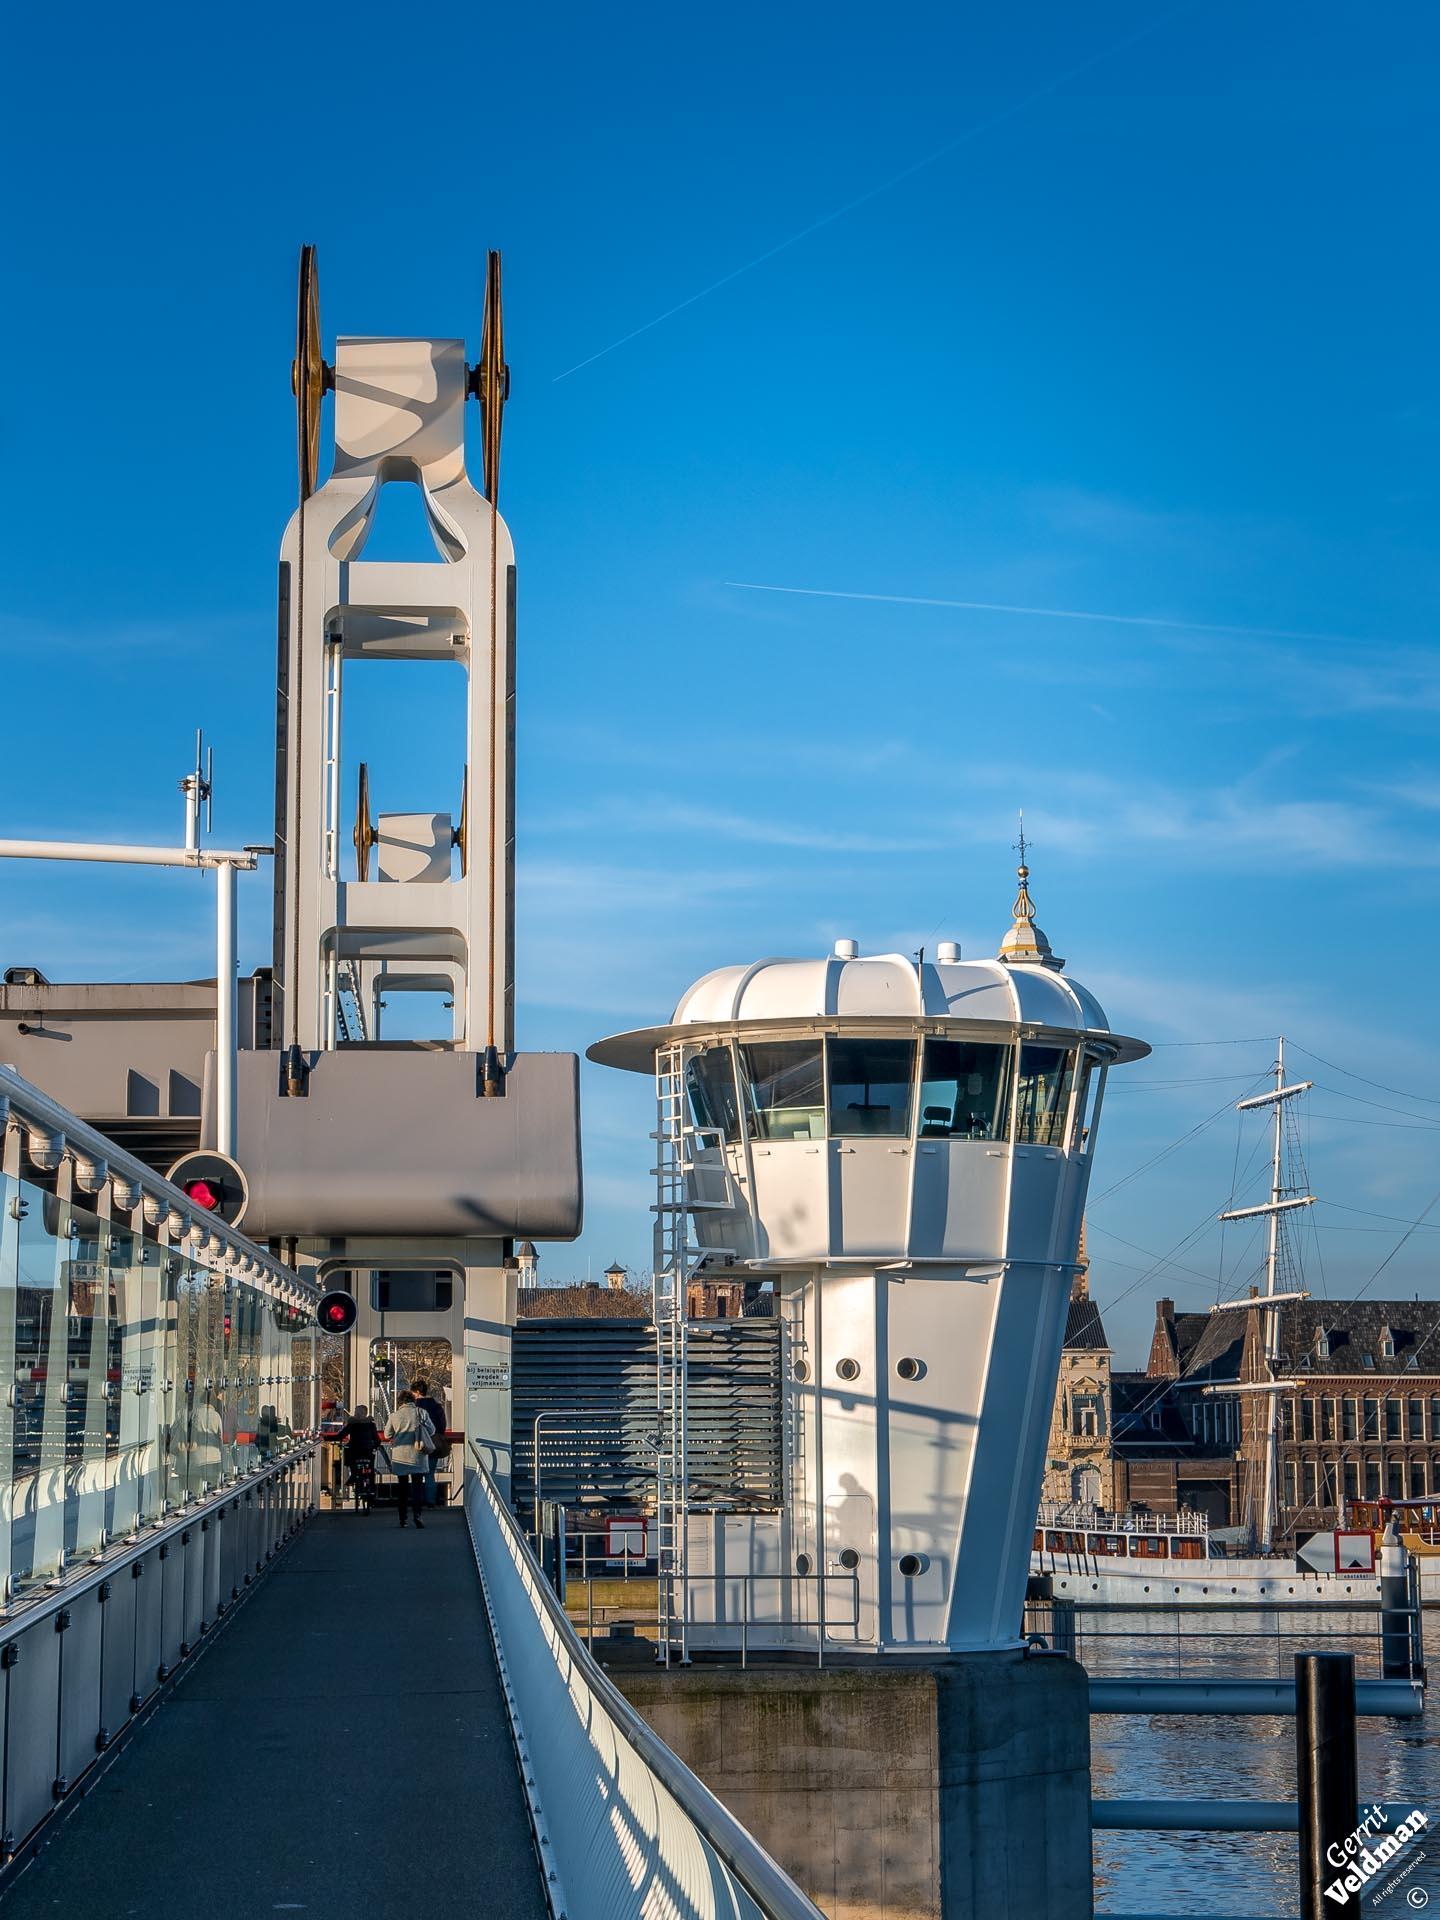 Stadsbrug, Kampen